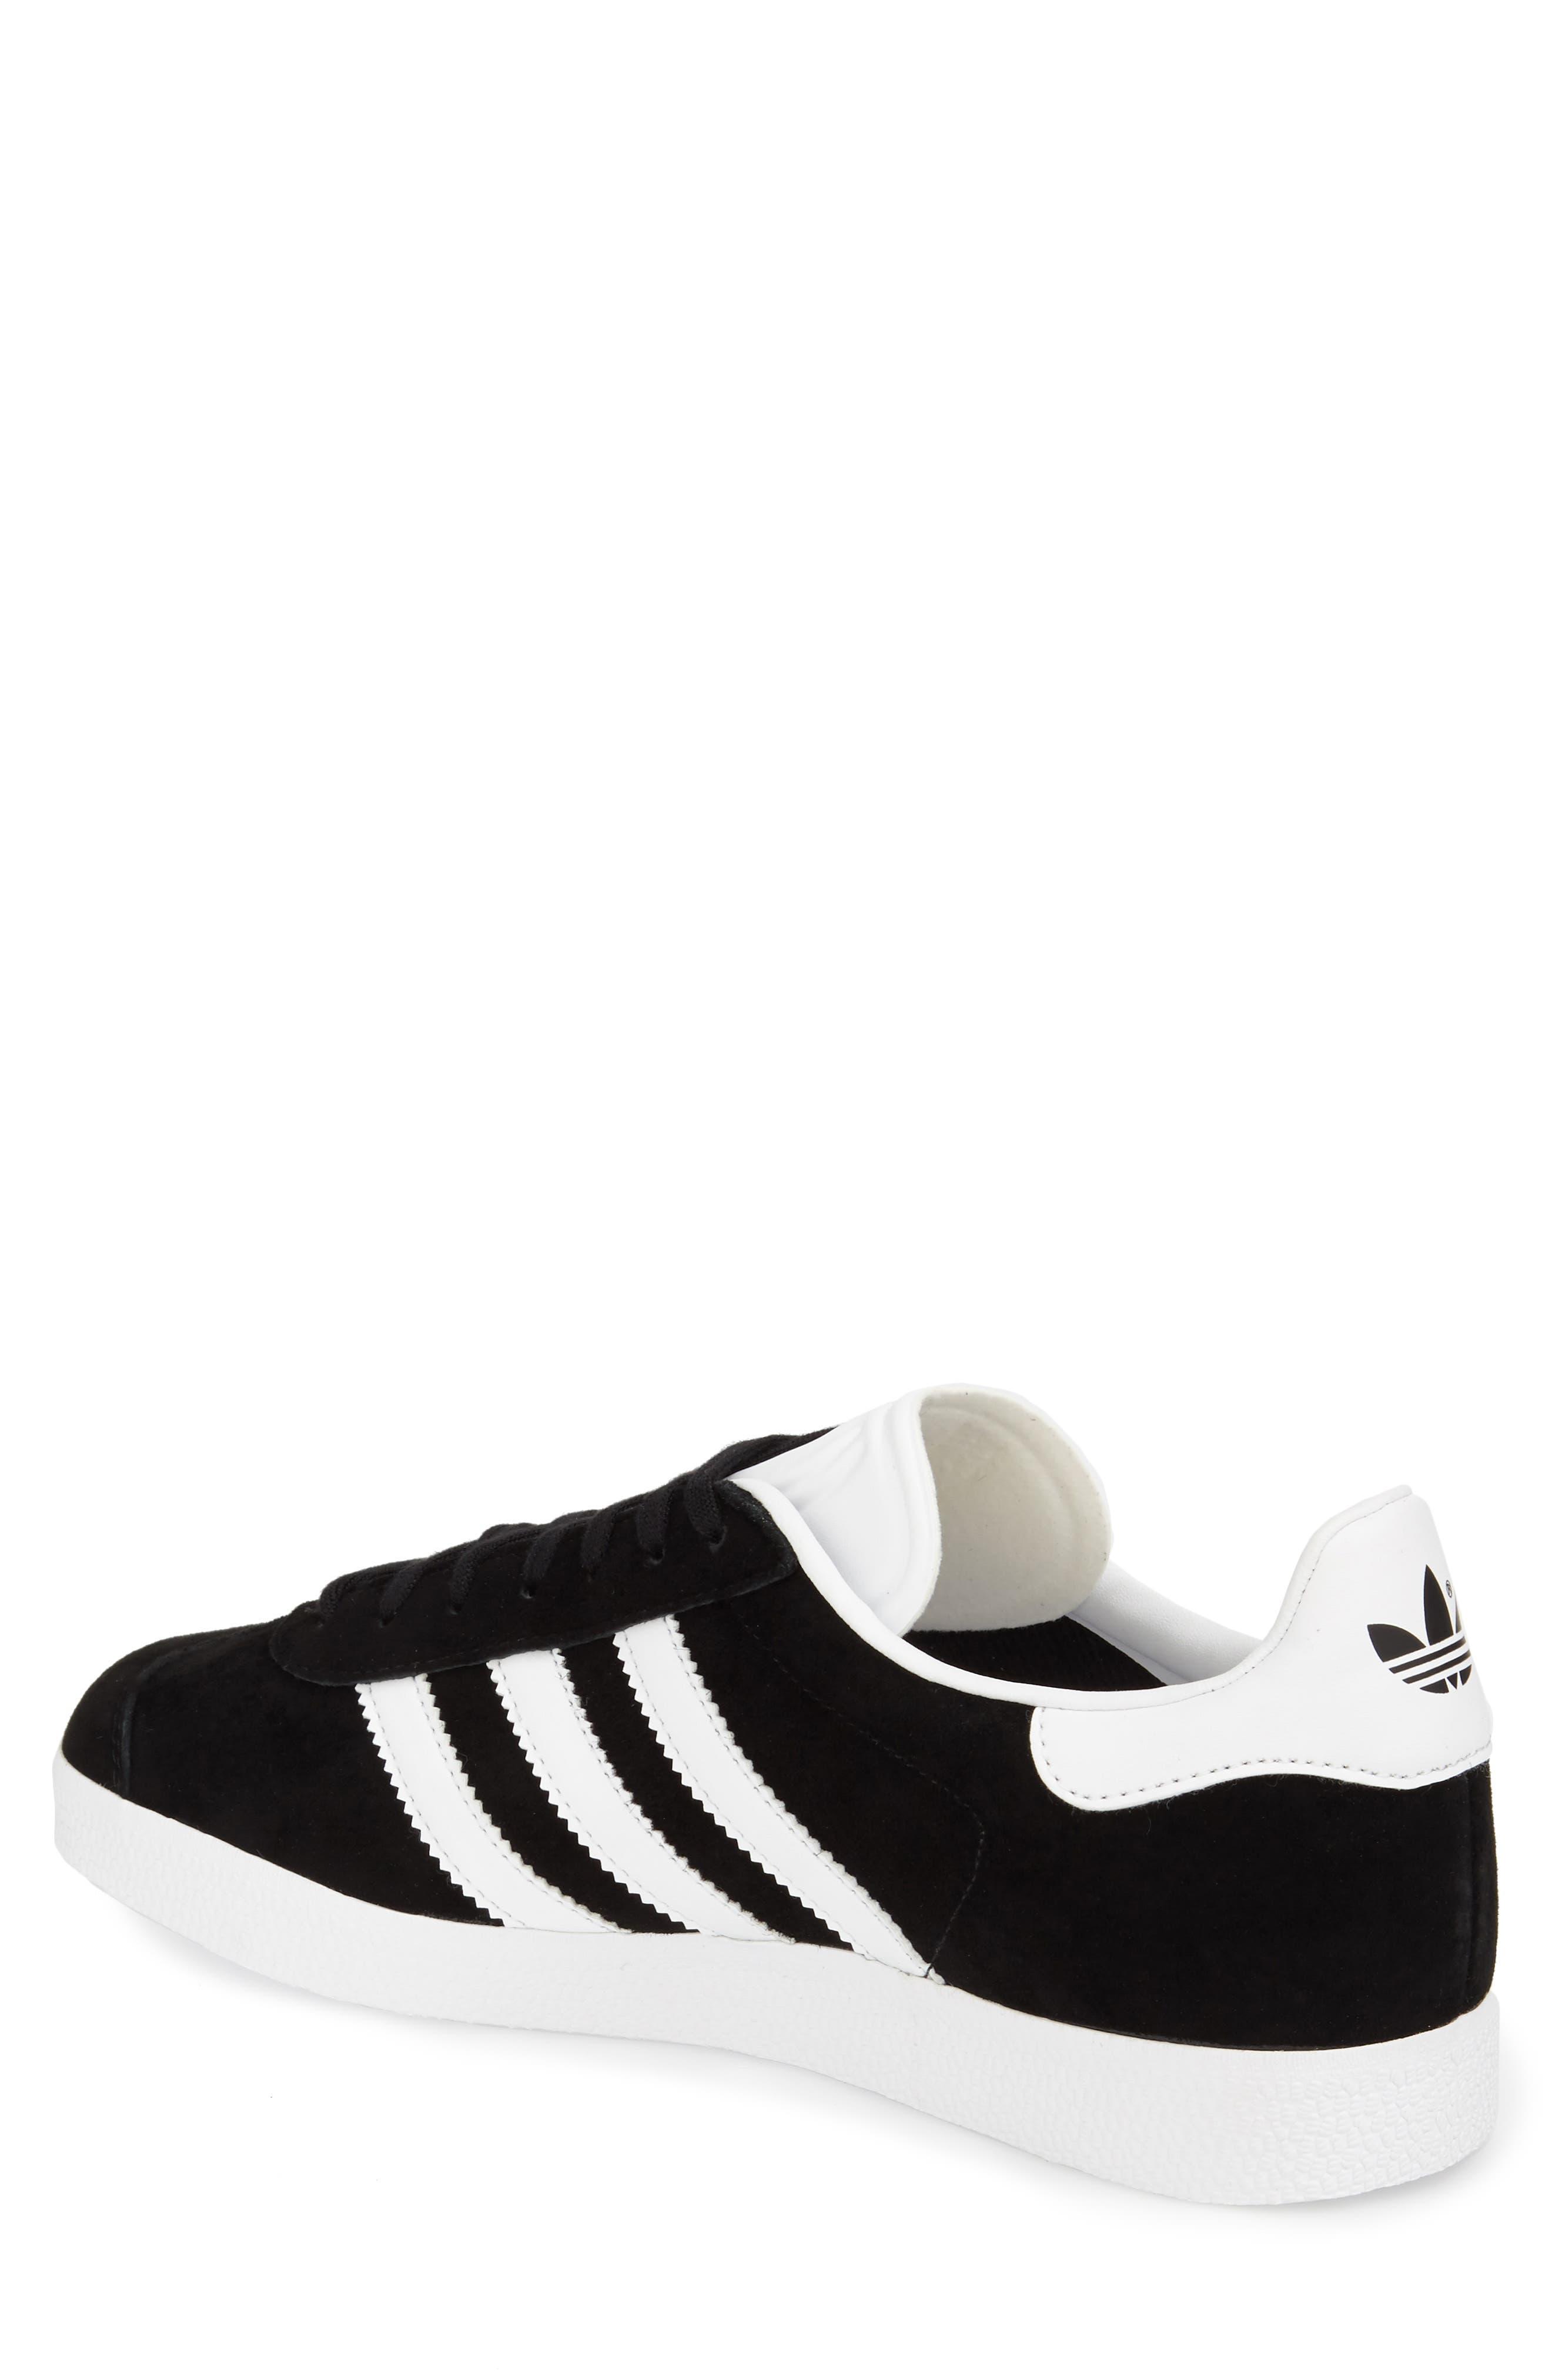 Gazelle Sneaker,                             Alternate thumbnail 5, color,                             001